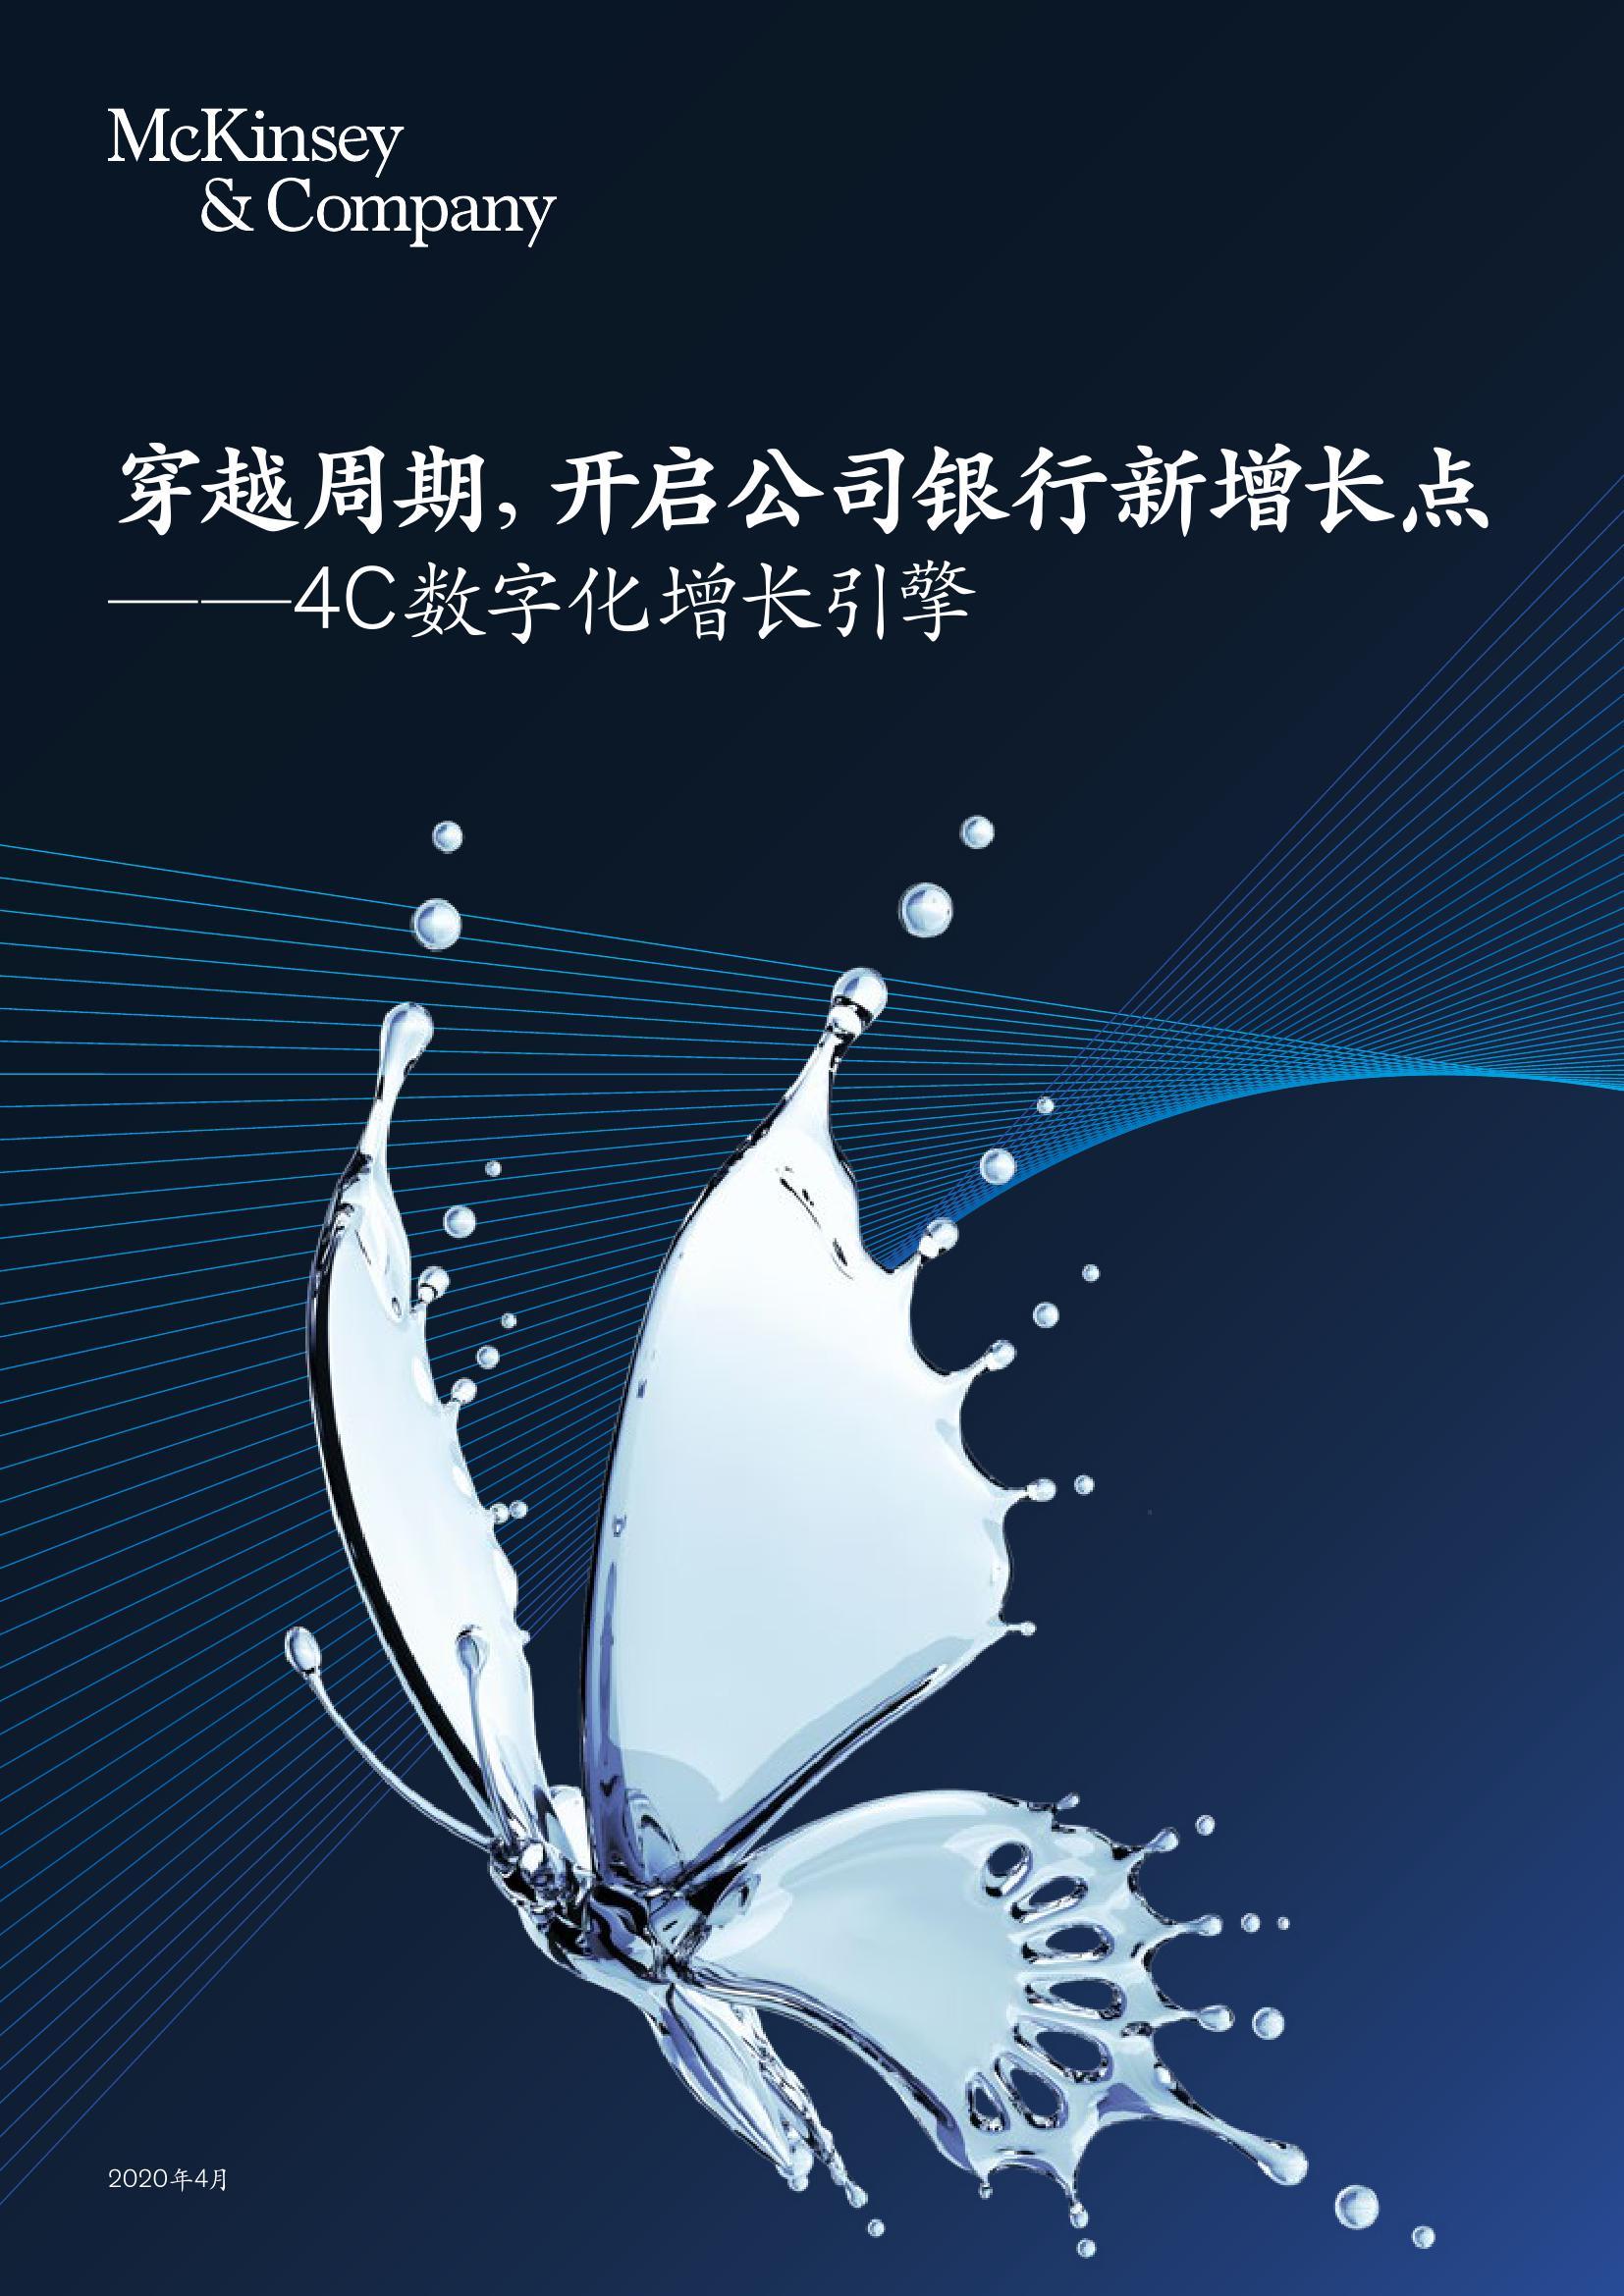 穿越周期,开启公司银行新增长点:4C数字化增长引擎(附下载)